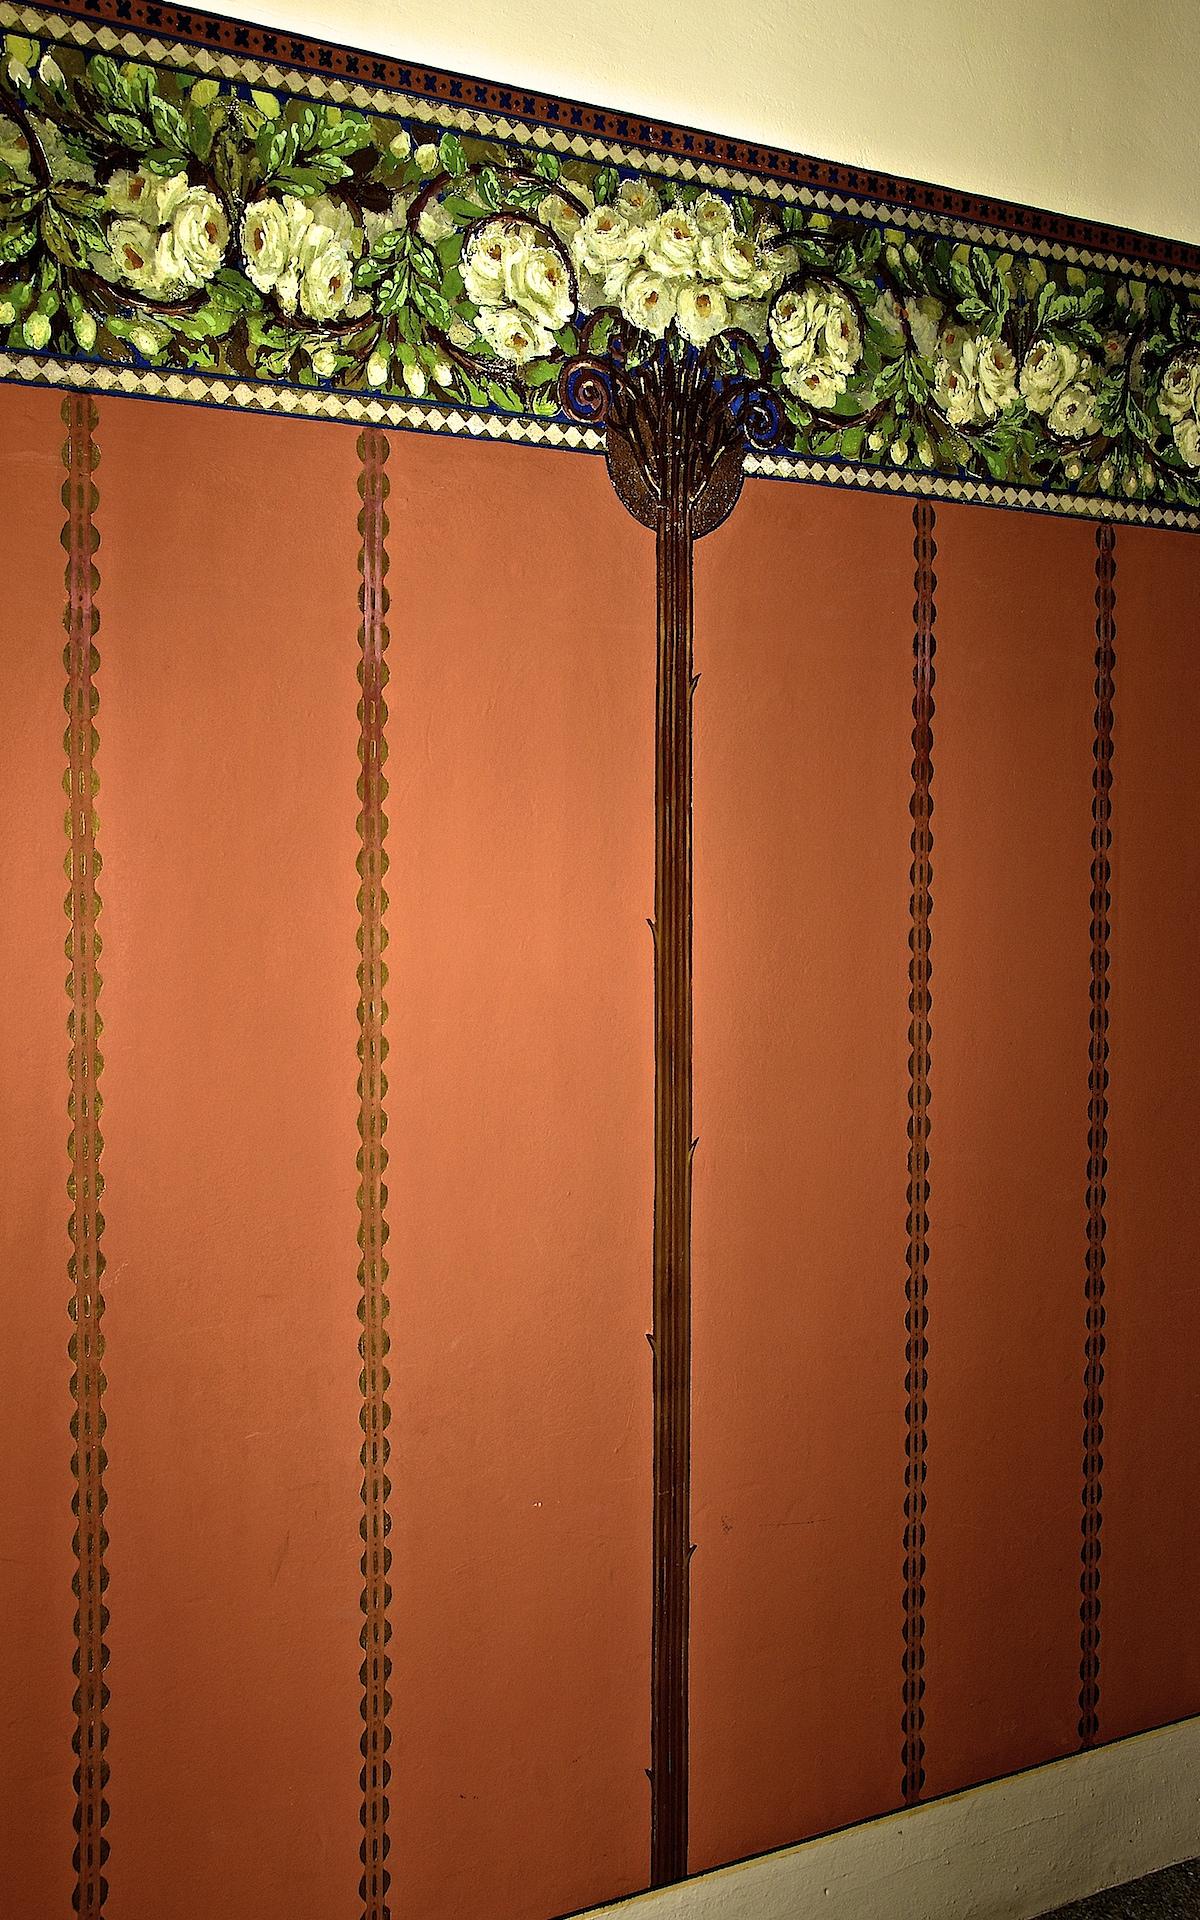 file:decori pareti interne ex stabilimento locatelli.jpg ... - Decori Pareti Interne